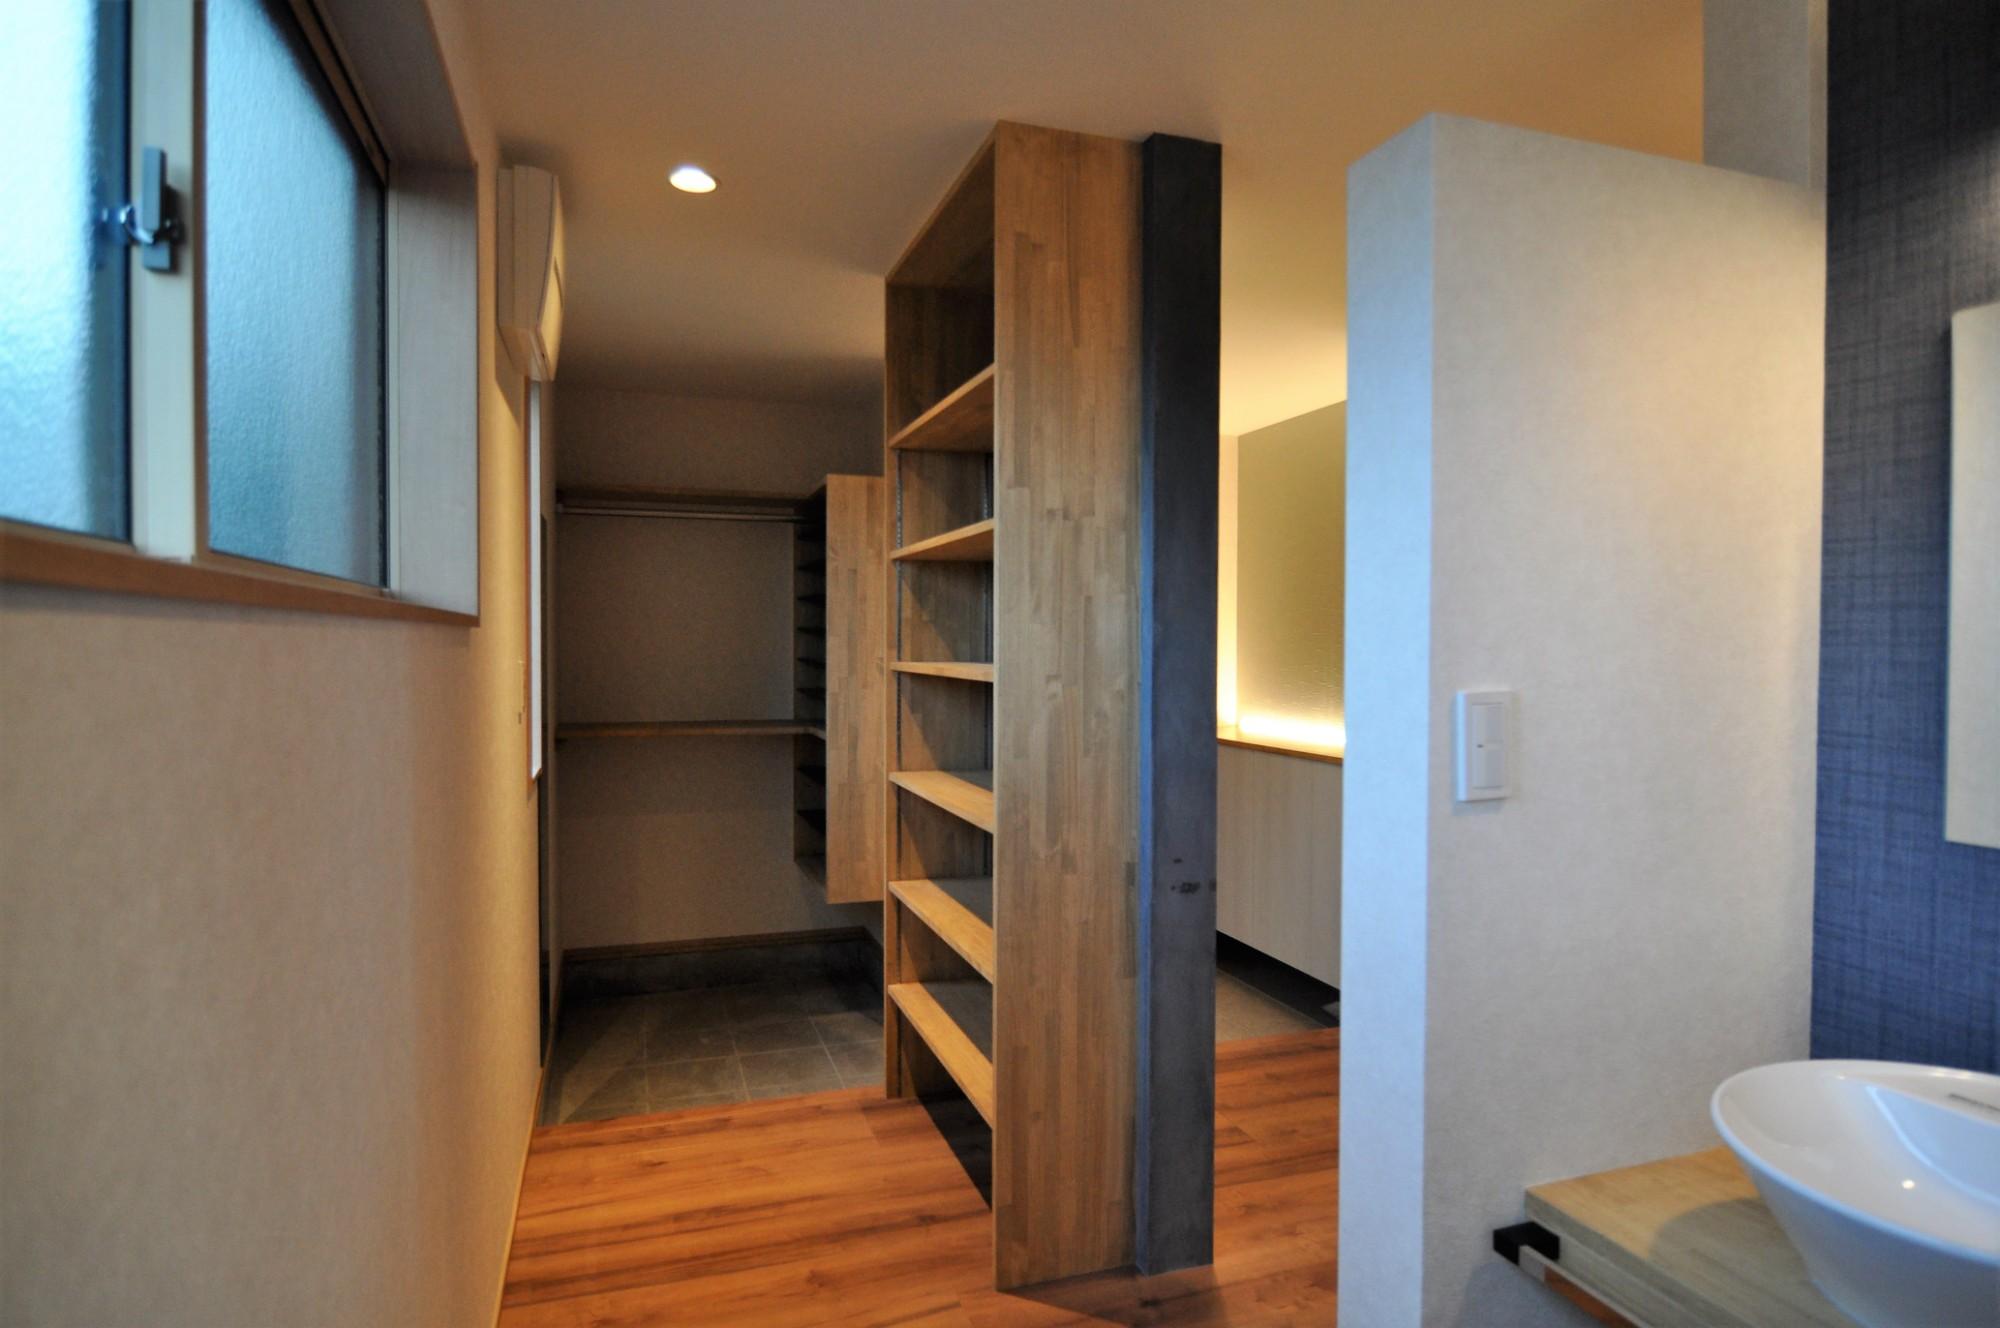 有限会社 市川建築店 1級建築士事務所「インドア+アウトドア」のシンプル・ナチュラルな収納スペースの実例写真